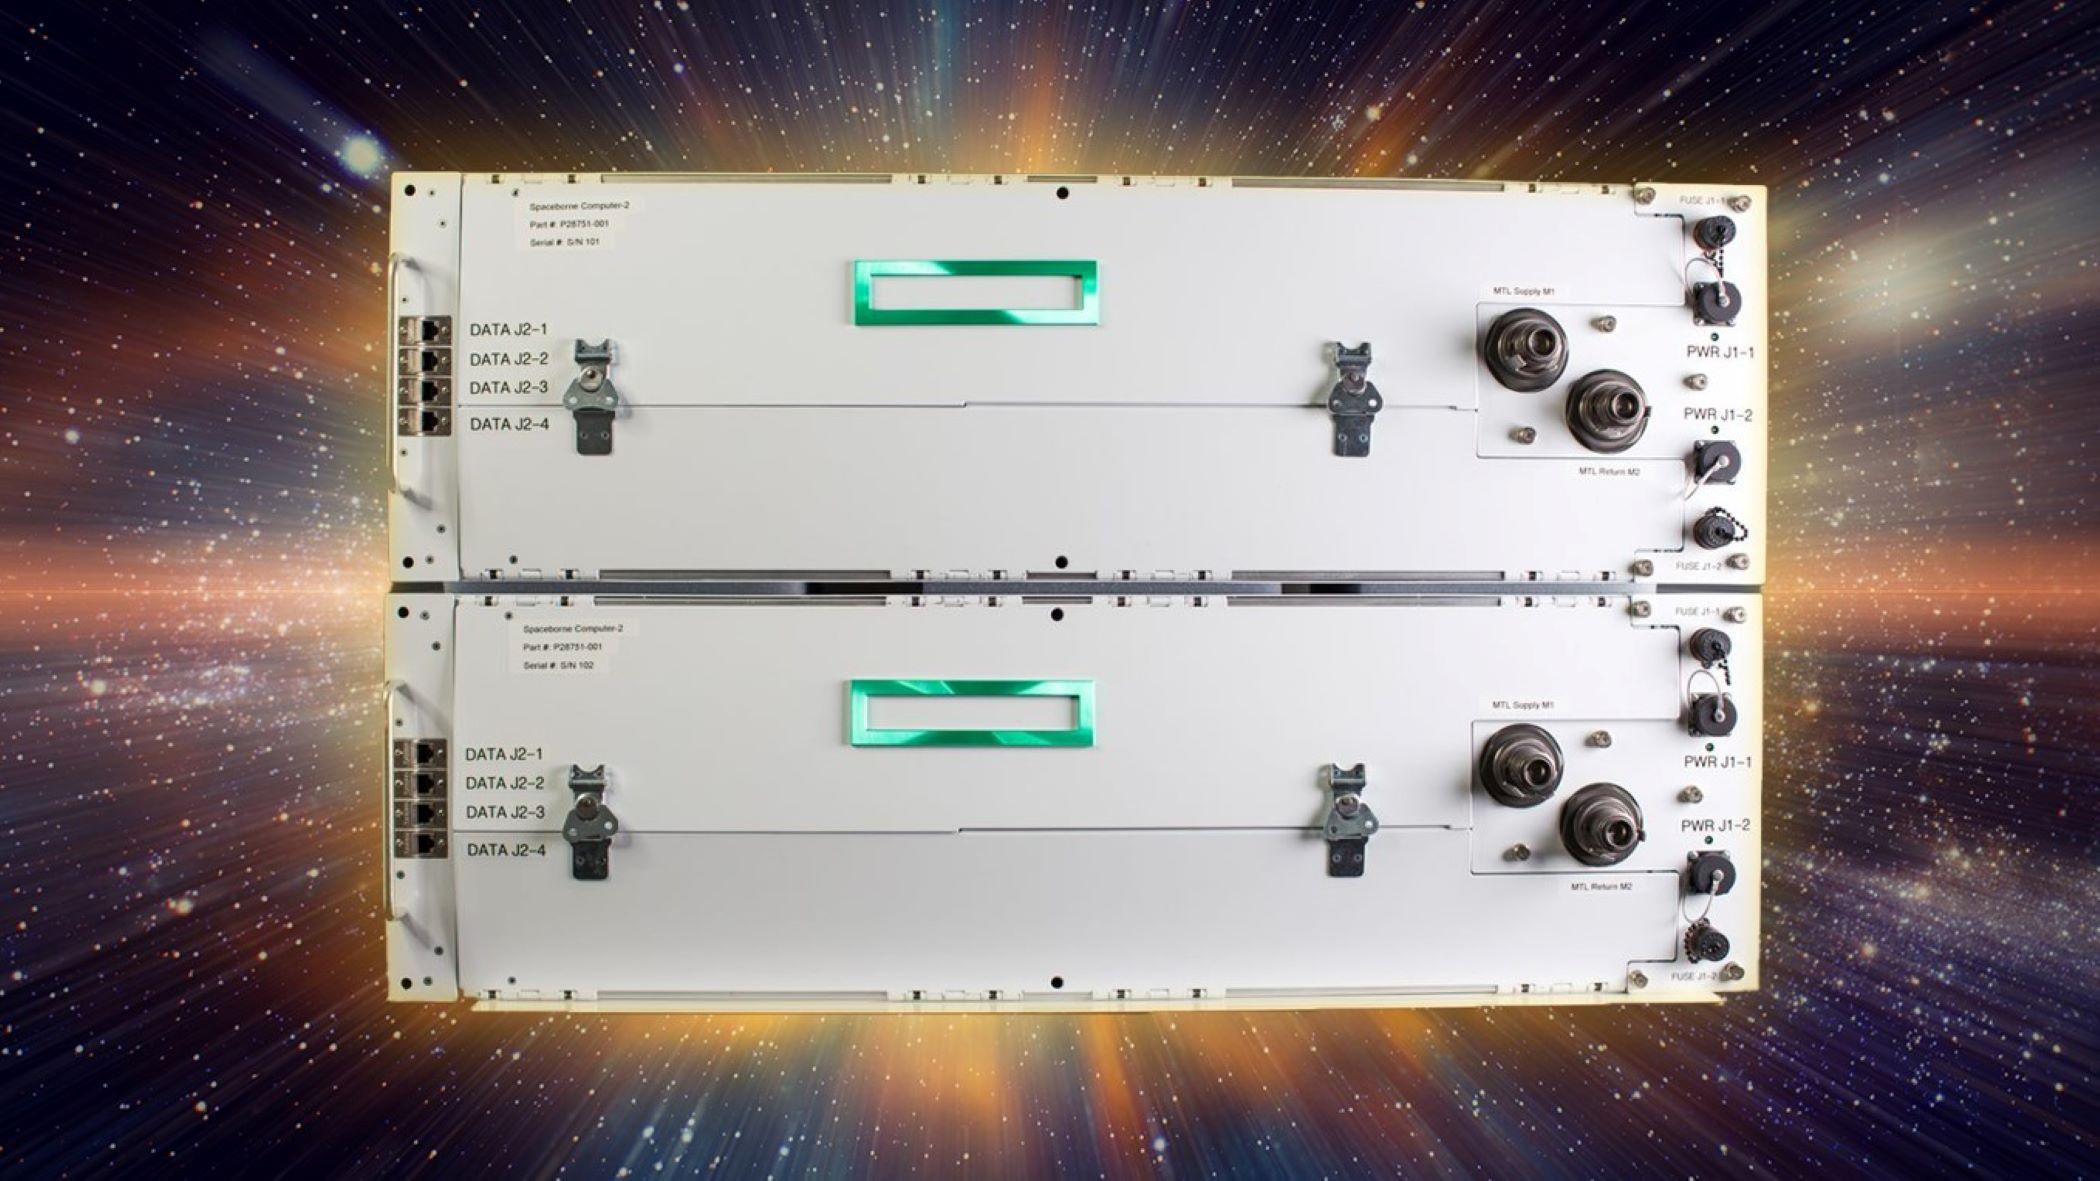 Microsoft et Hewlett Packard Enterprise se sont associés pour lancer Spaceborne Computer-2 sur la Station spatiale internationale afin de mettre en orbite des capacités d'intelligence artificielle et d'apprentissage automatique.